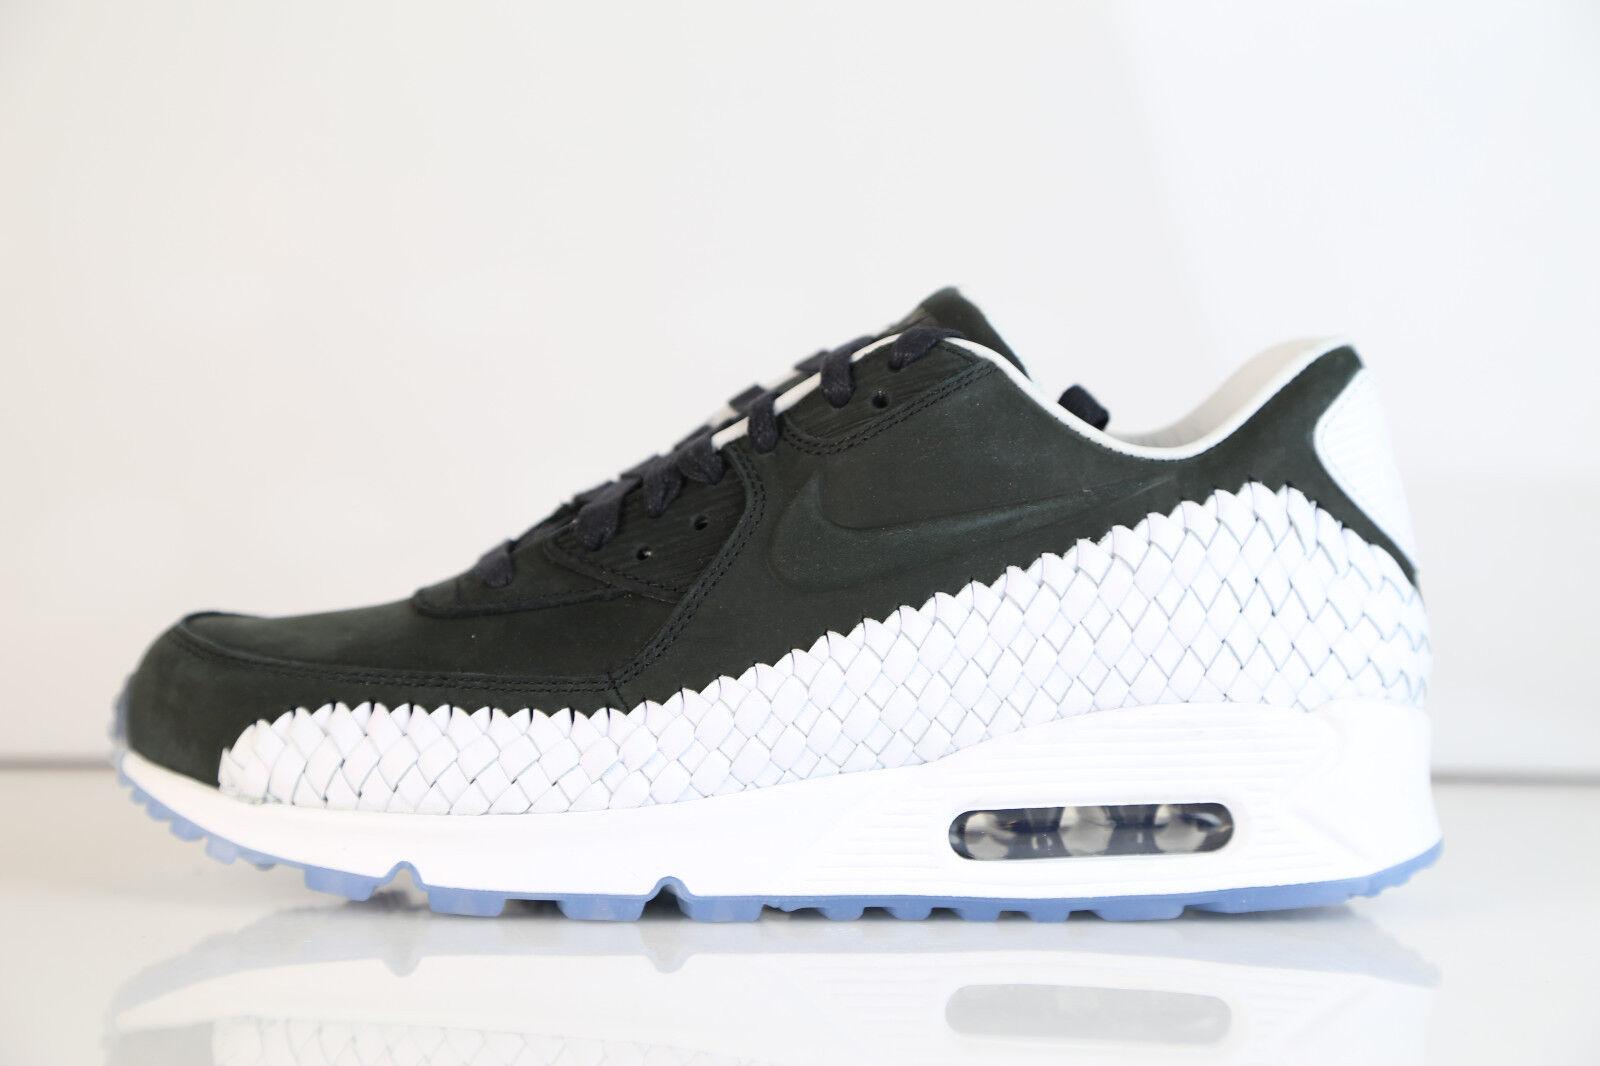 Nike air max 90 aus premium - schwarz - weiße 833129-003 8 - 13 1 oberste qs